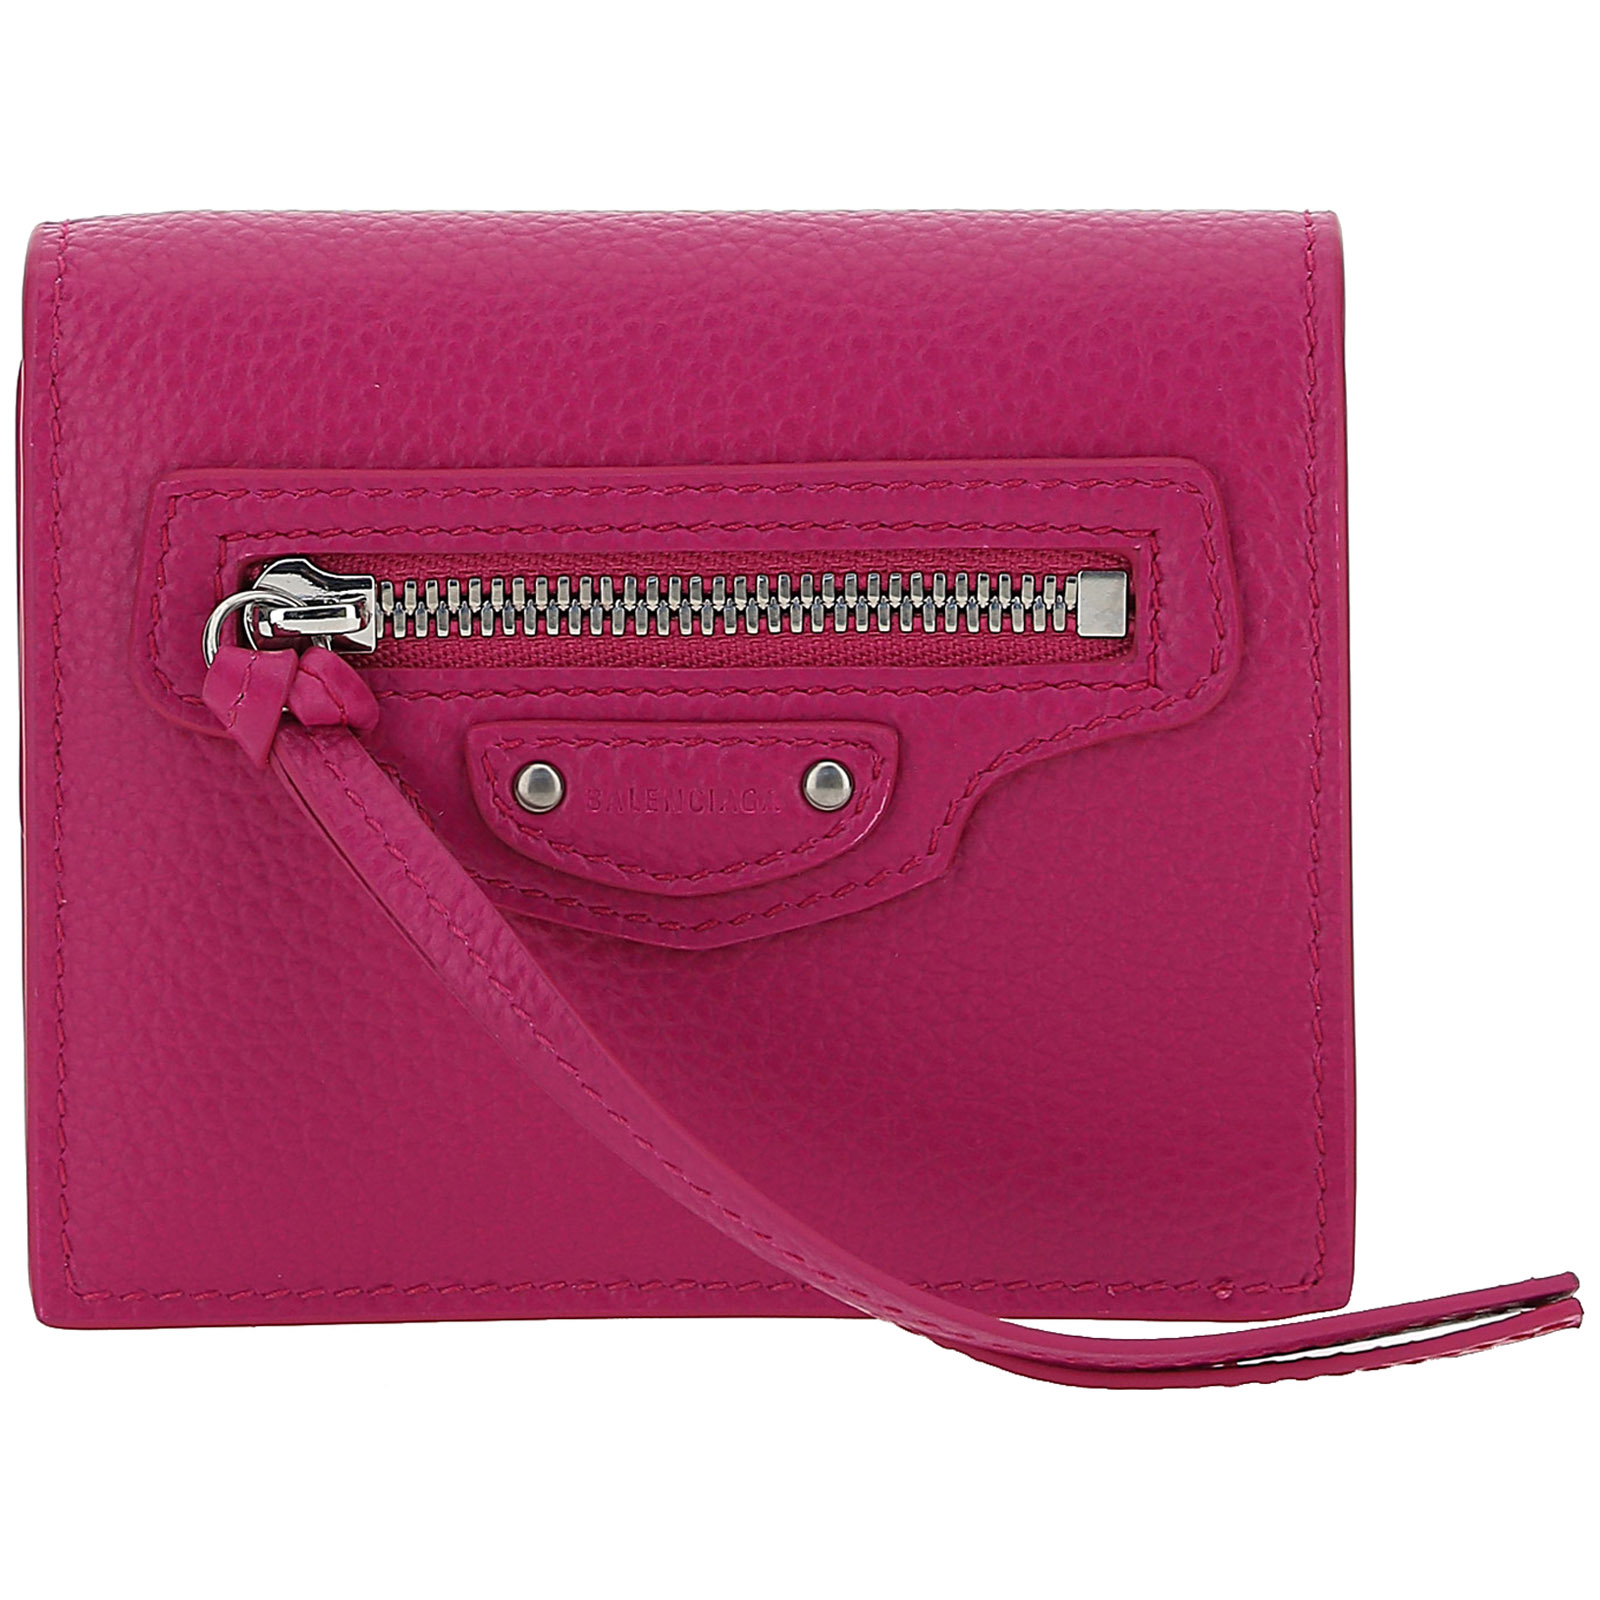 Balenciaga WOMEN'S WALLET GENUINE LEATHER COIN CASE HOLDER PURSE CARD